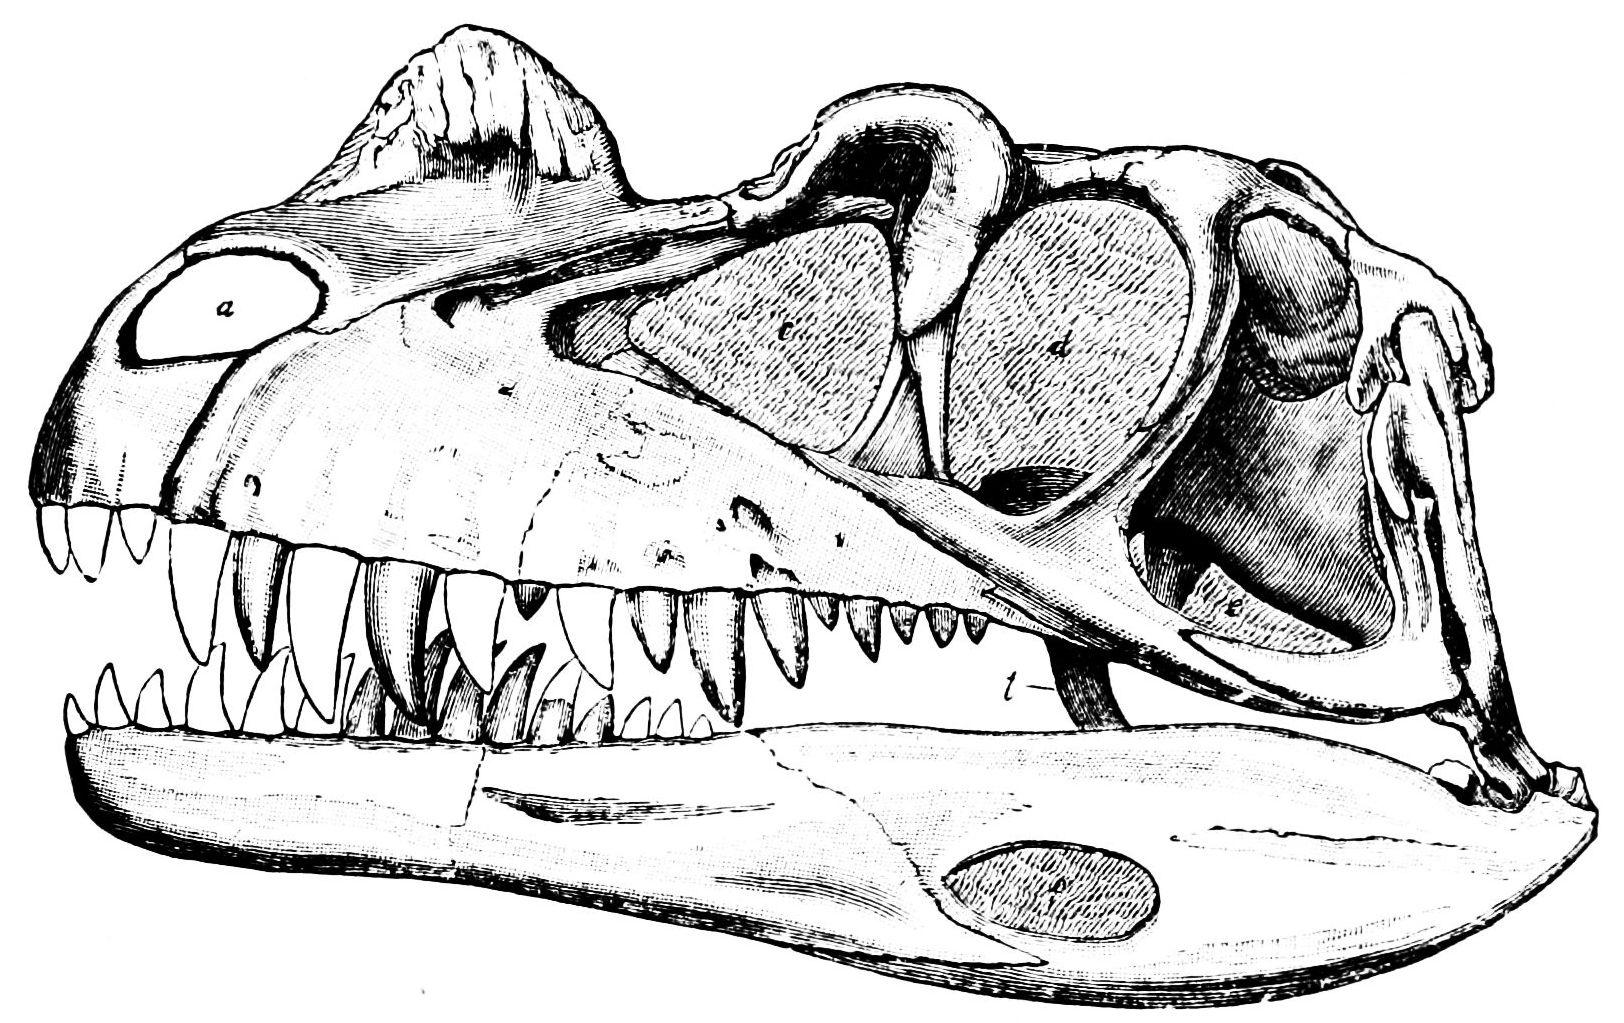 FilePSM V34 D487 Skull Of Ceratosaurus